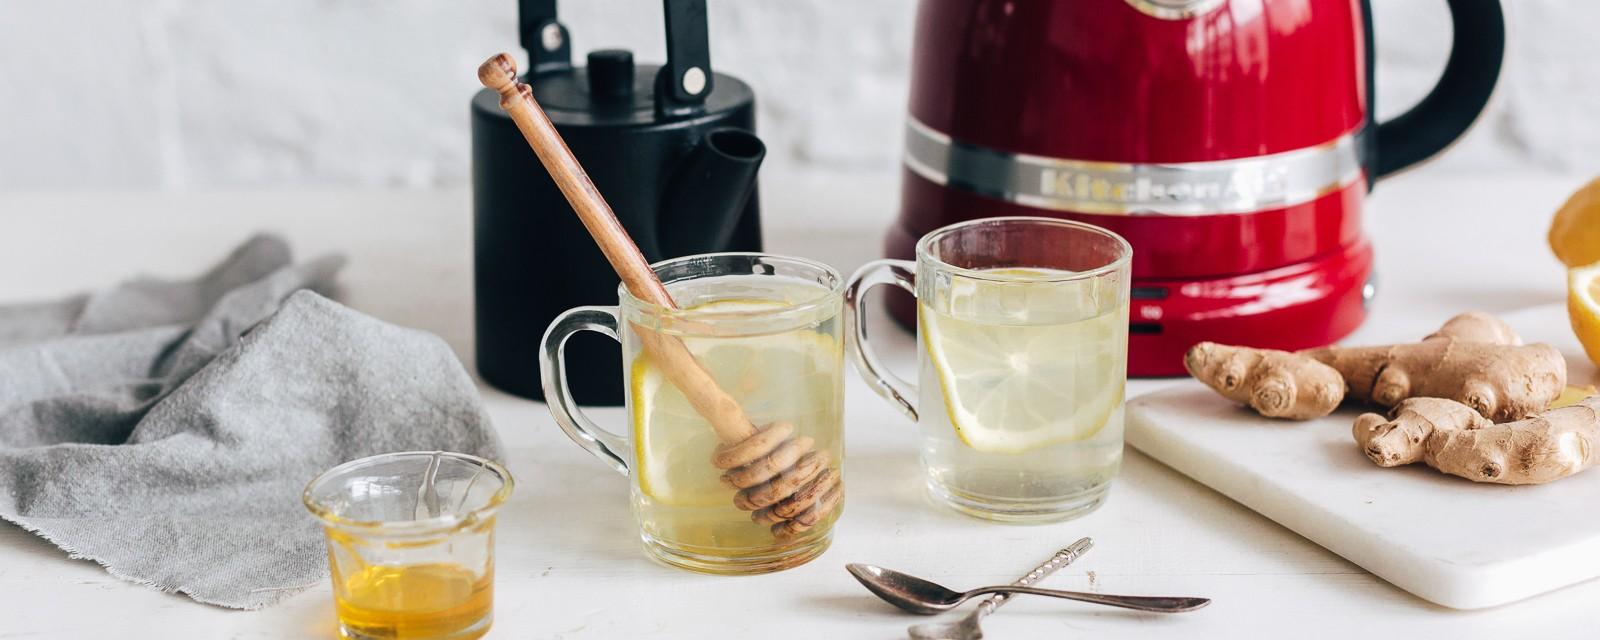 Thé au citron et au gingembre | Recettes | Site officiel KitchenAid